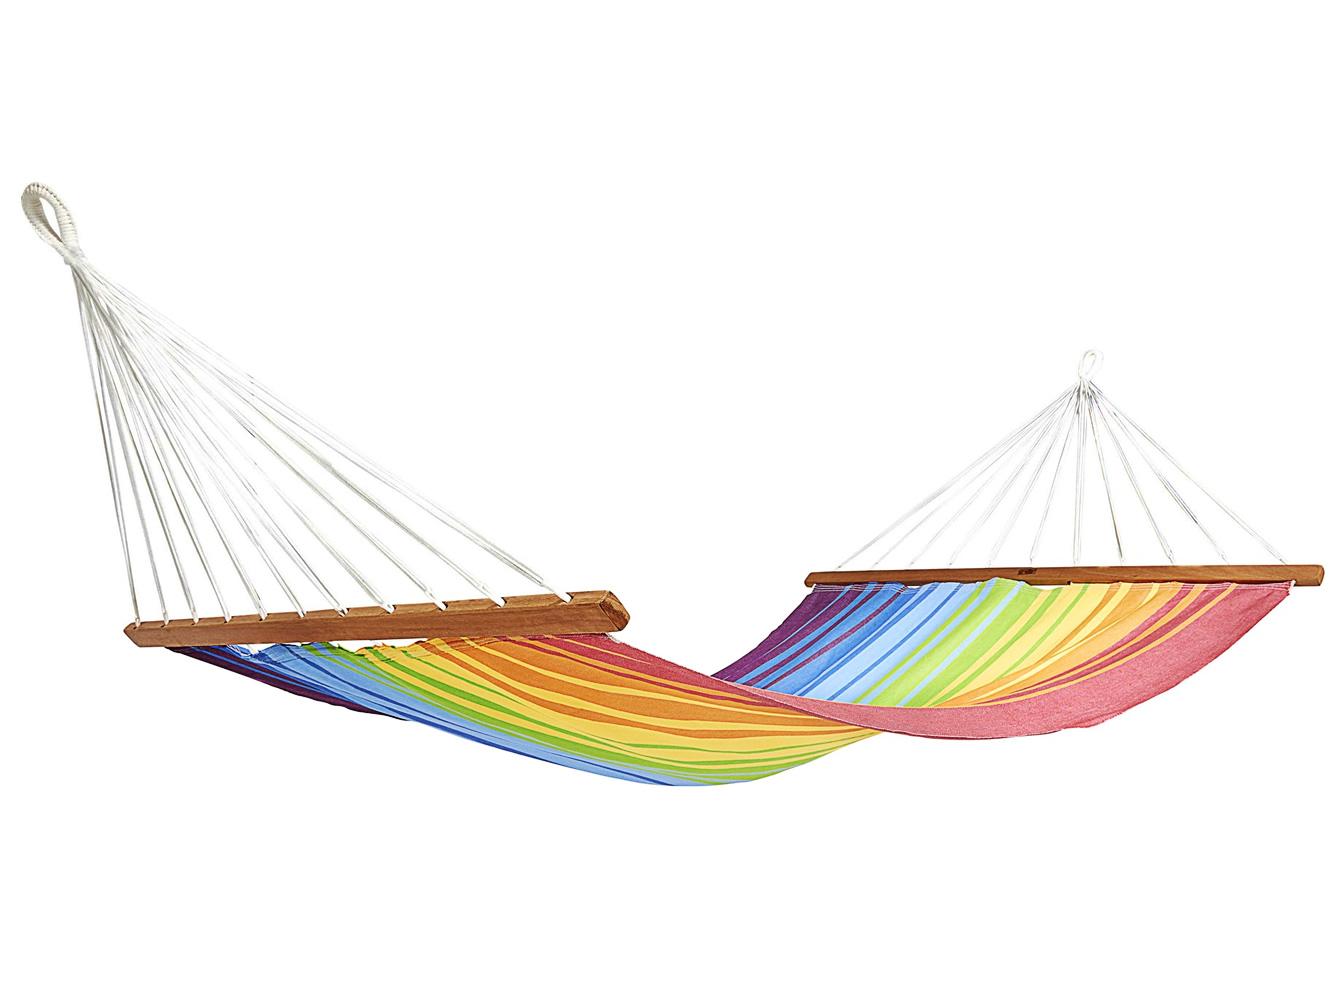 Hamak z drążkiem KOUPLE - szeroki wybór kolorystyczny, Rainbow KOUPLE